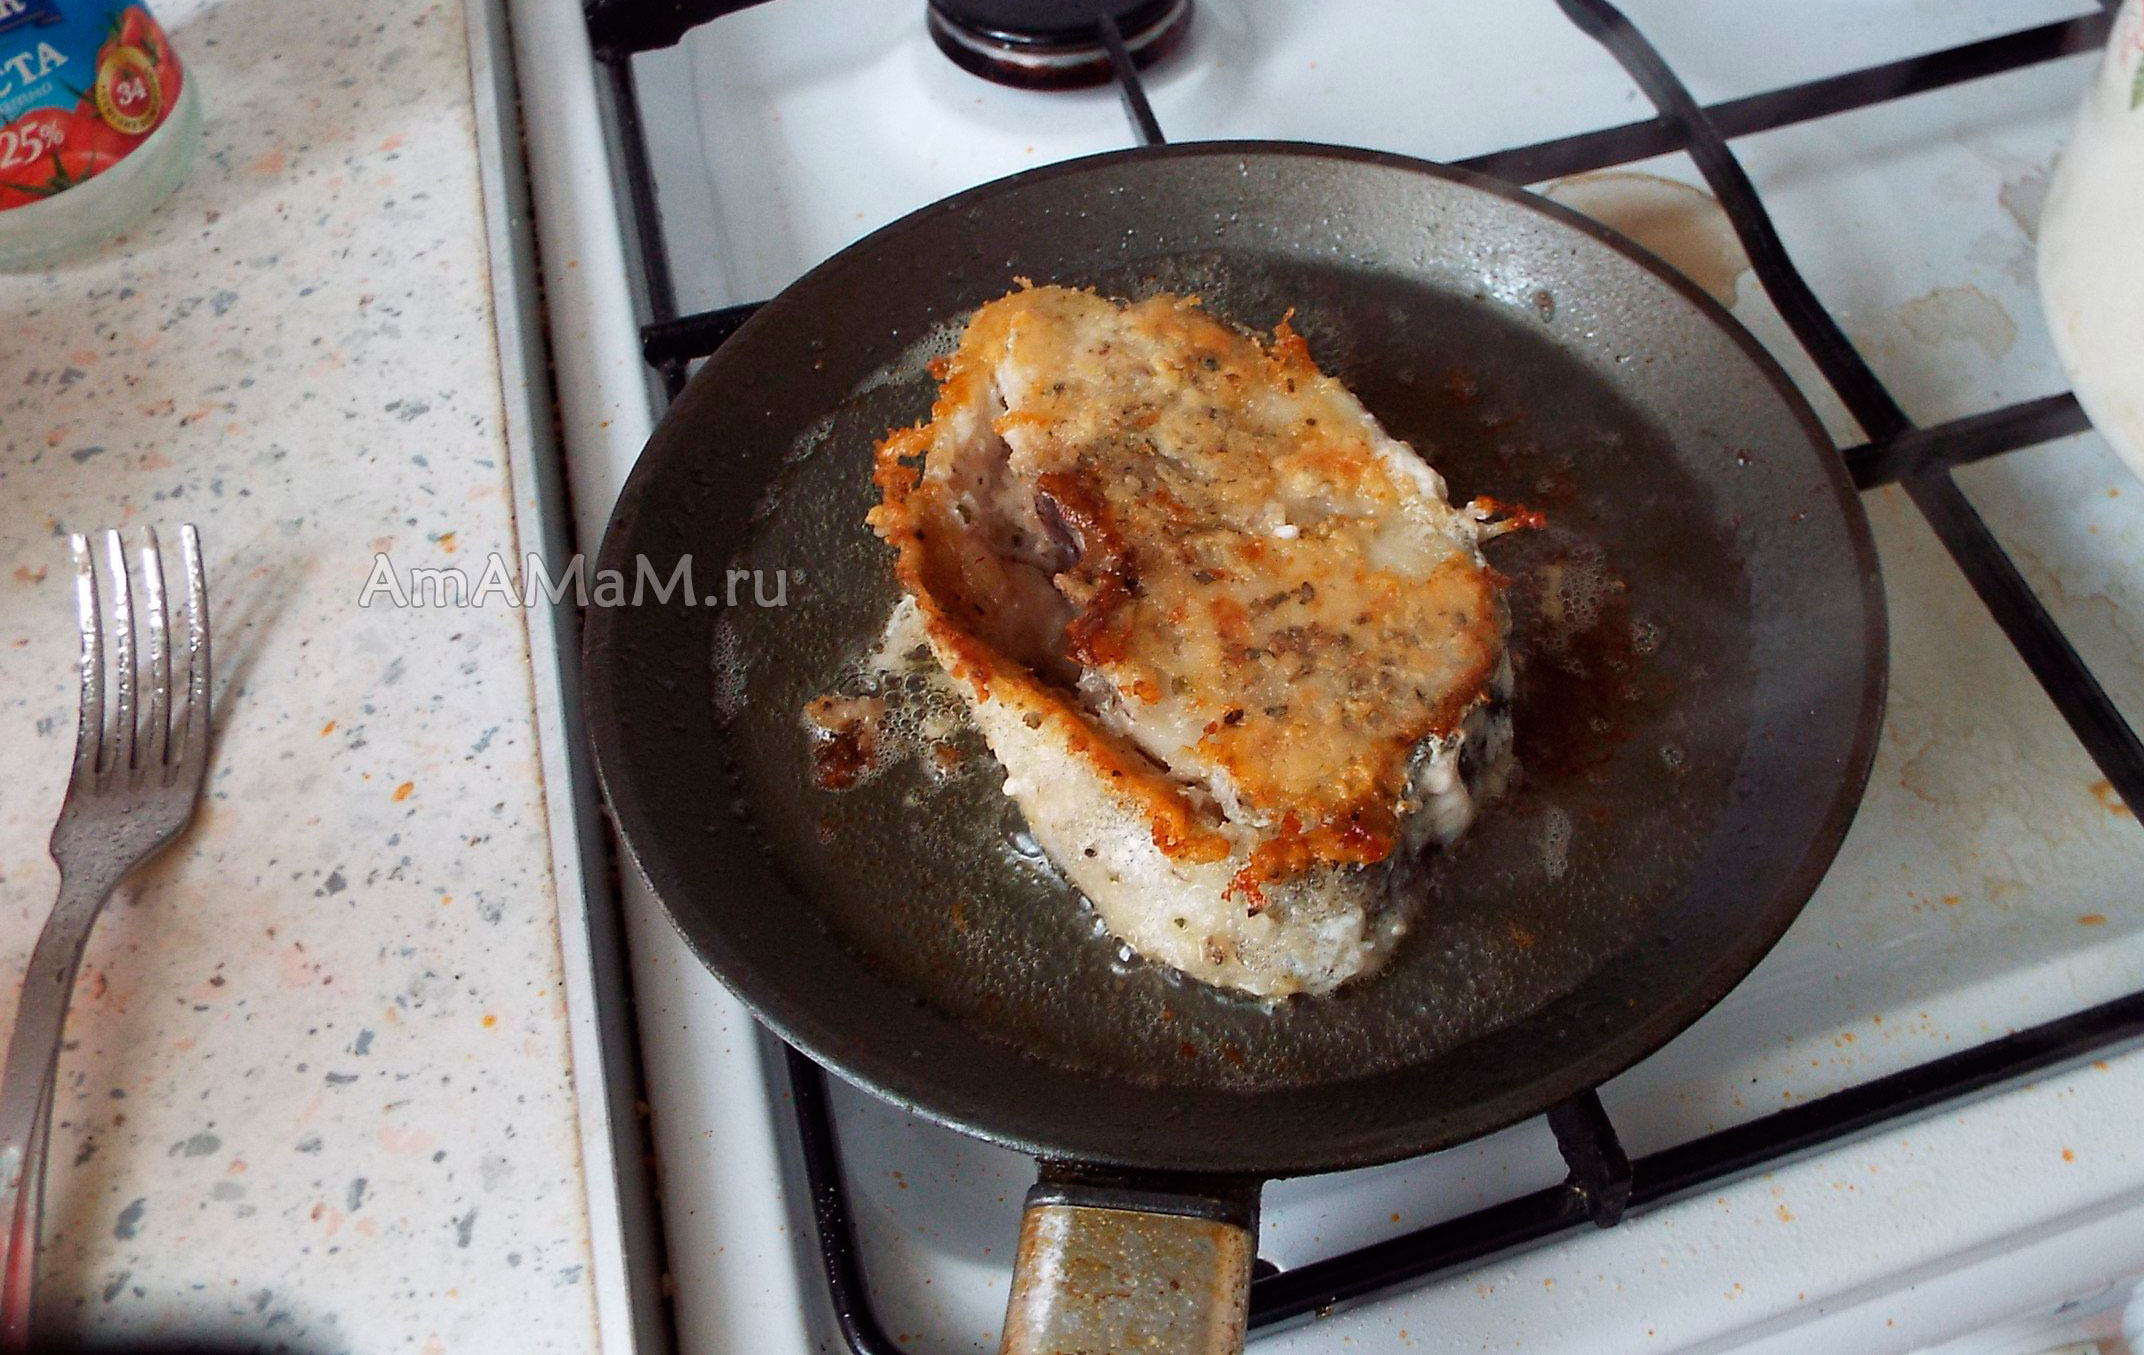 Жареная треска на сковороде рецепт пошагово